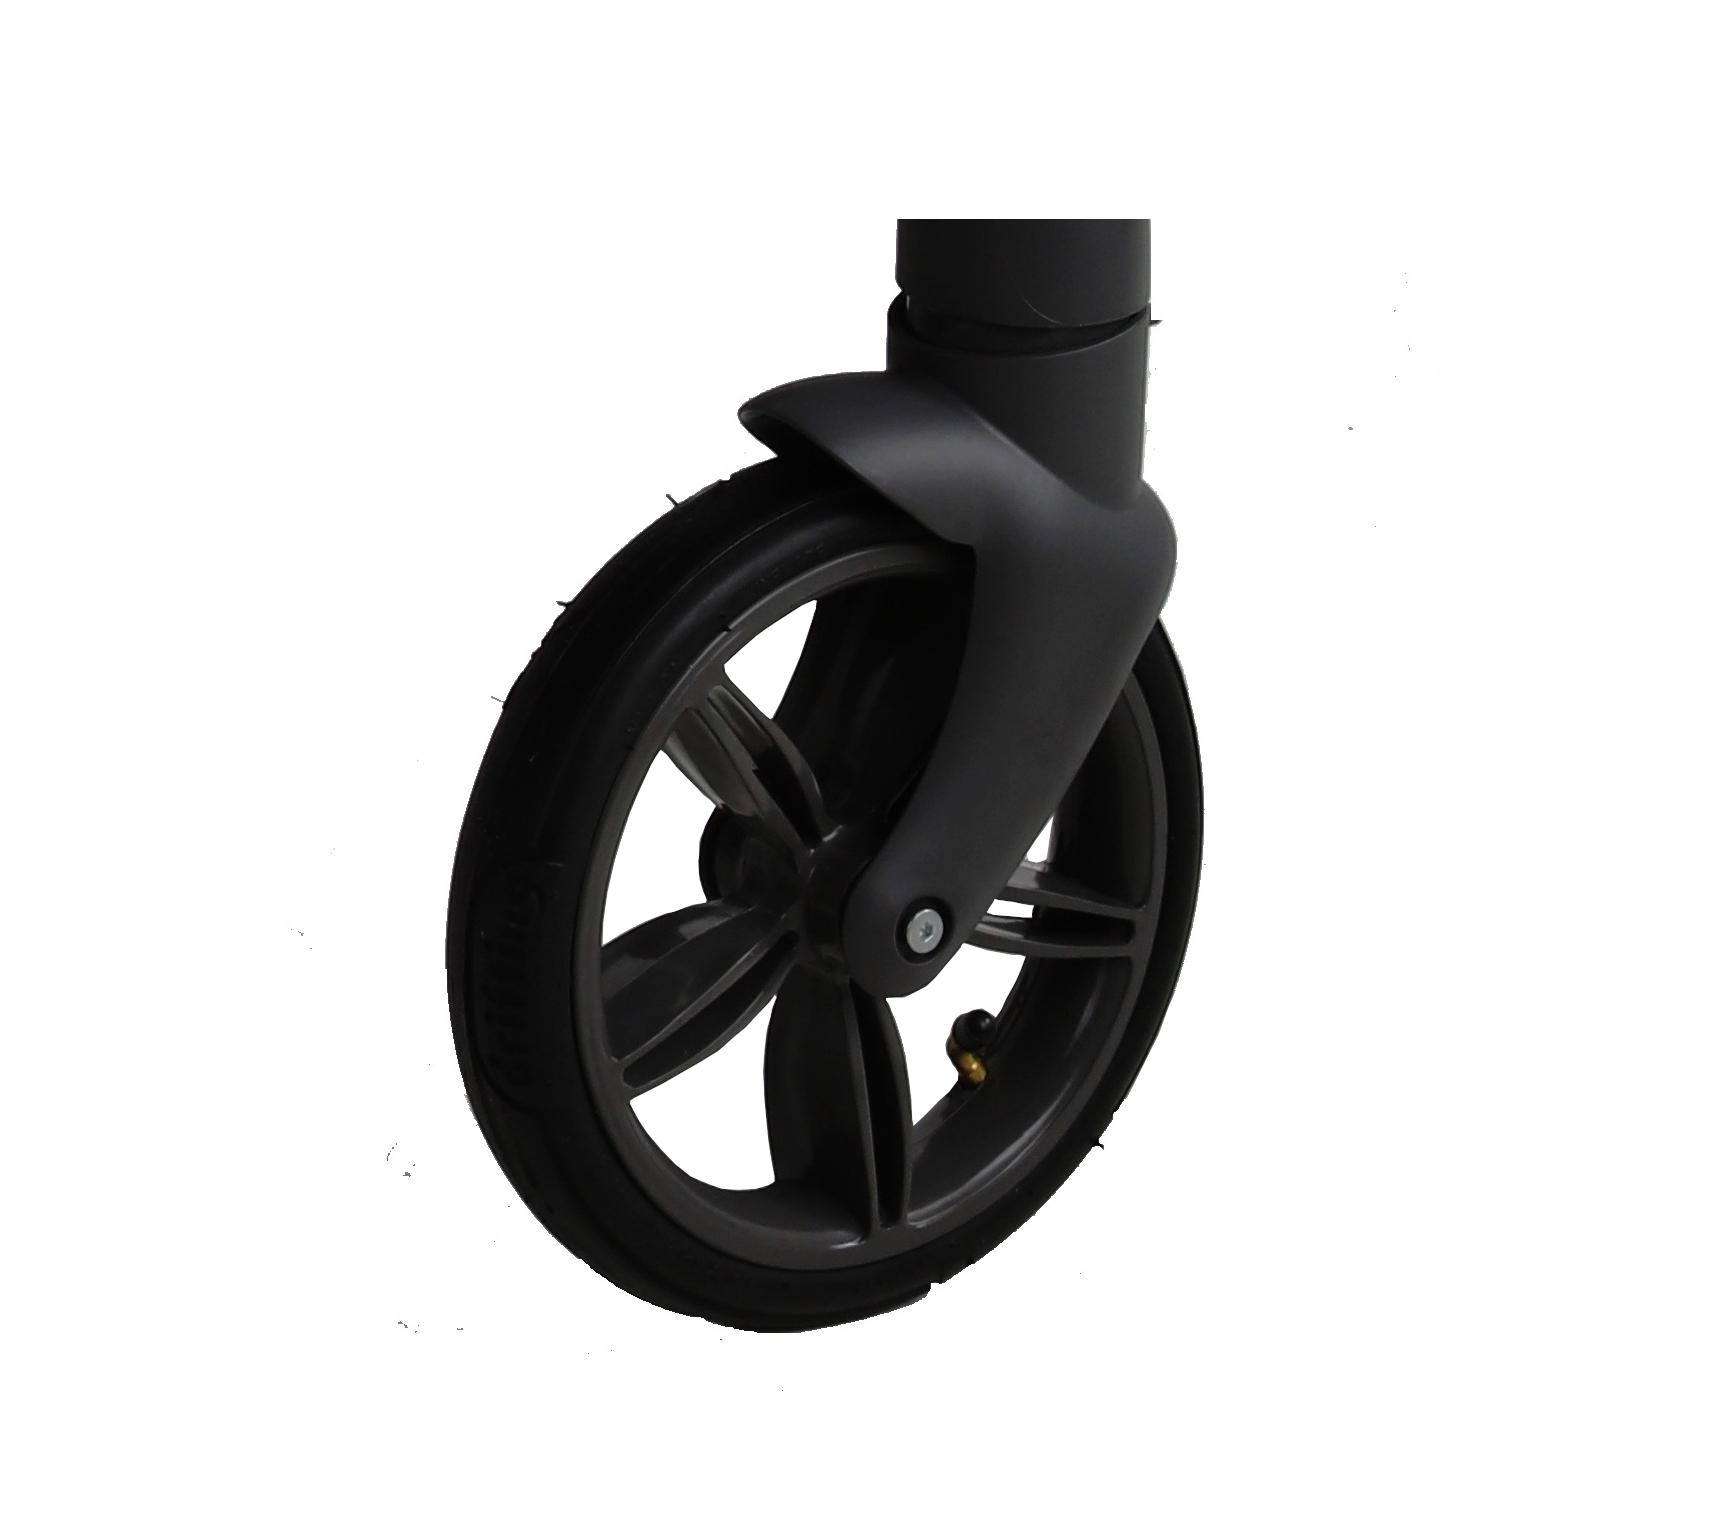 переднее колесо для коляски Be2Me для классической коляски 2 в 1 Bellagio недорого